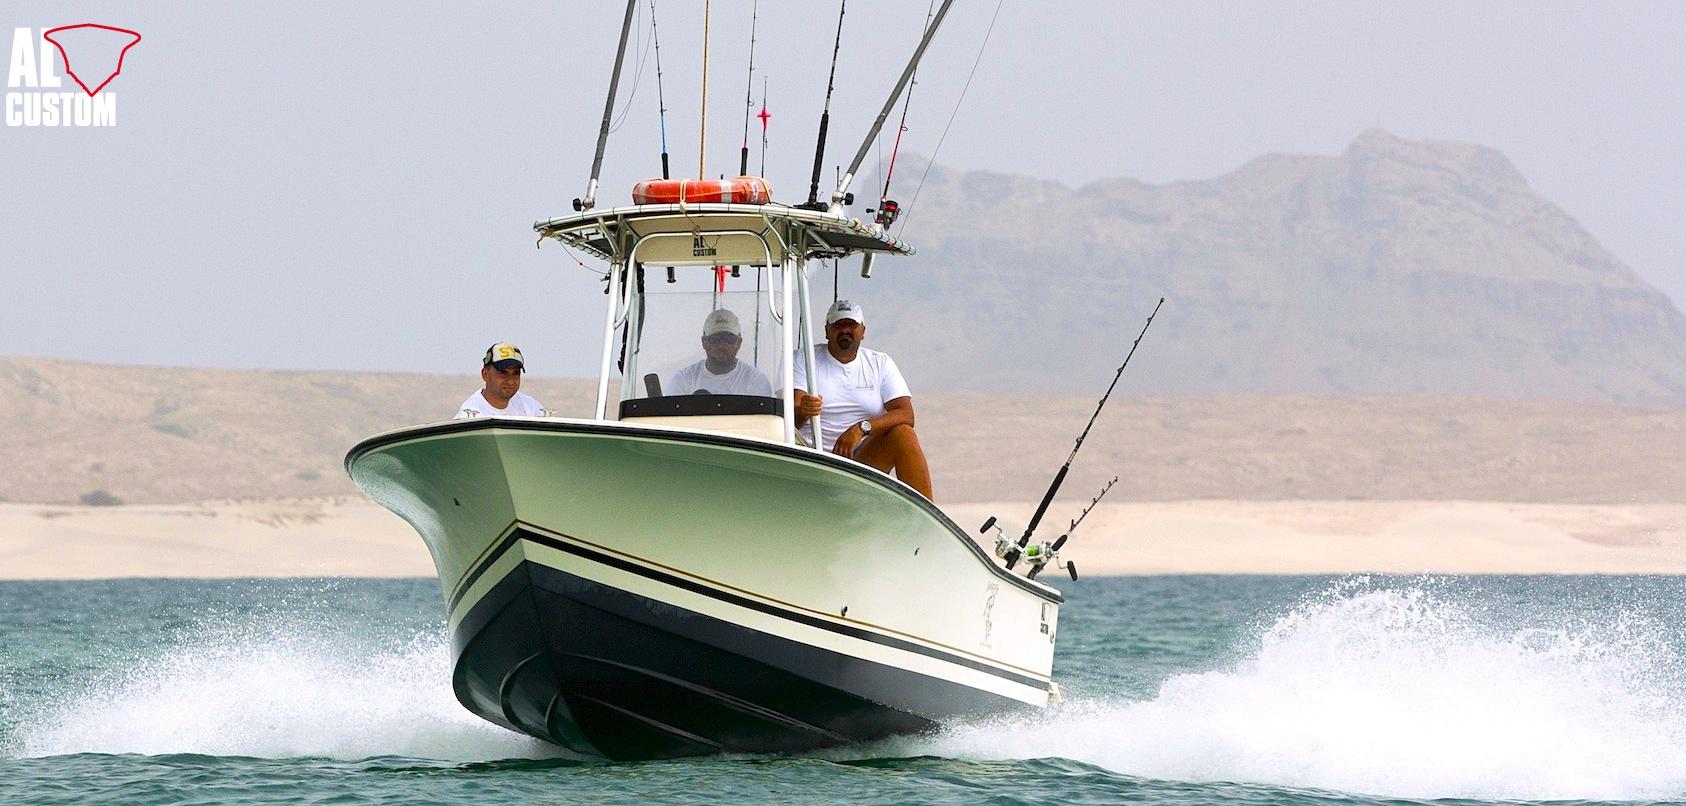 Boa Vista, Capo Vede: fisherman AL CUSTOM AL21, imbarcazione del Centro Pesca Sampeifish.